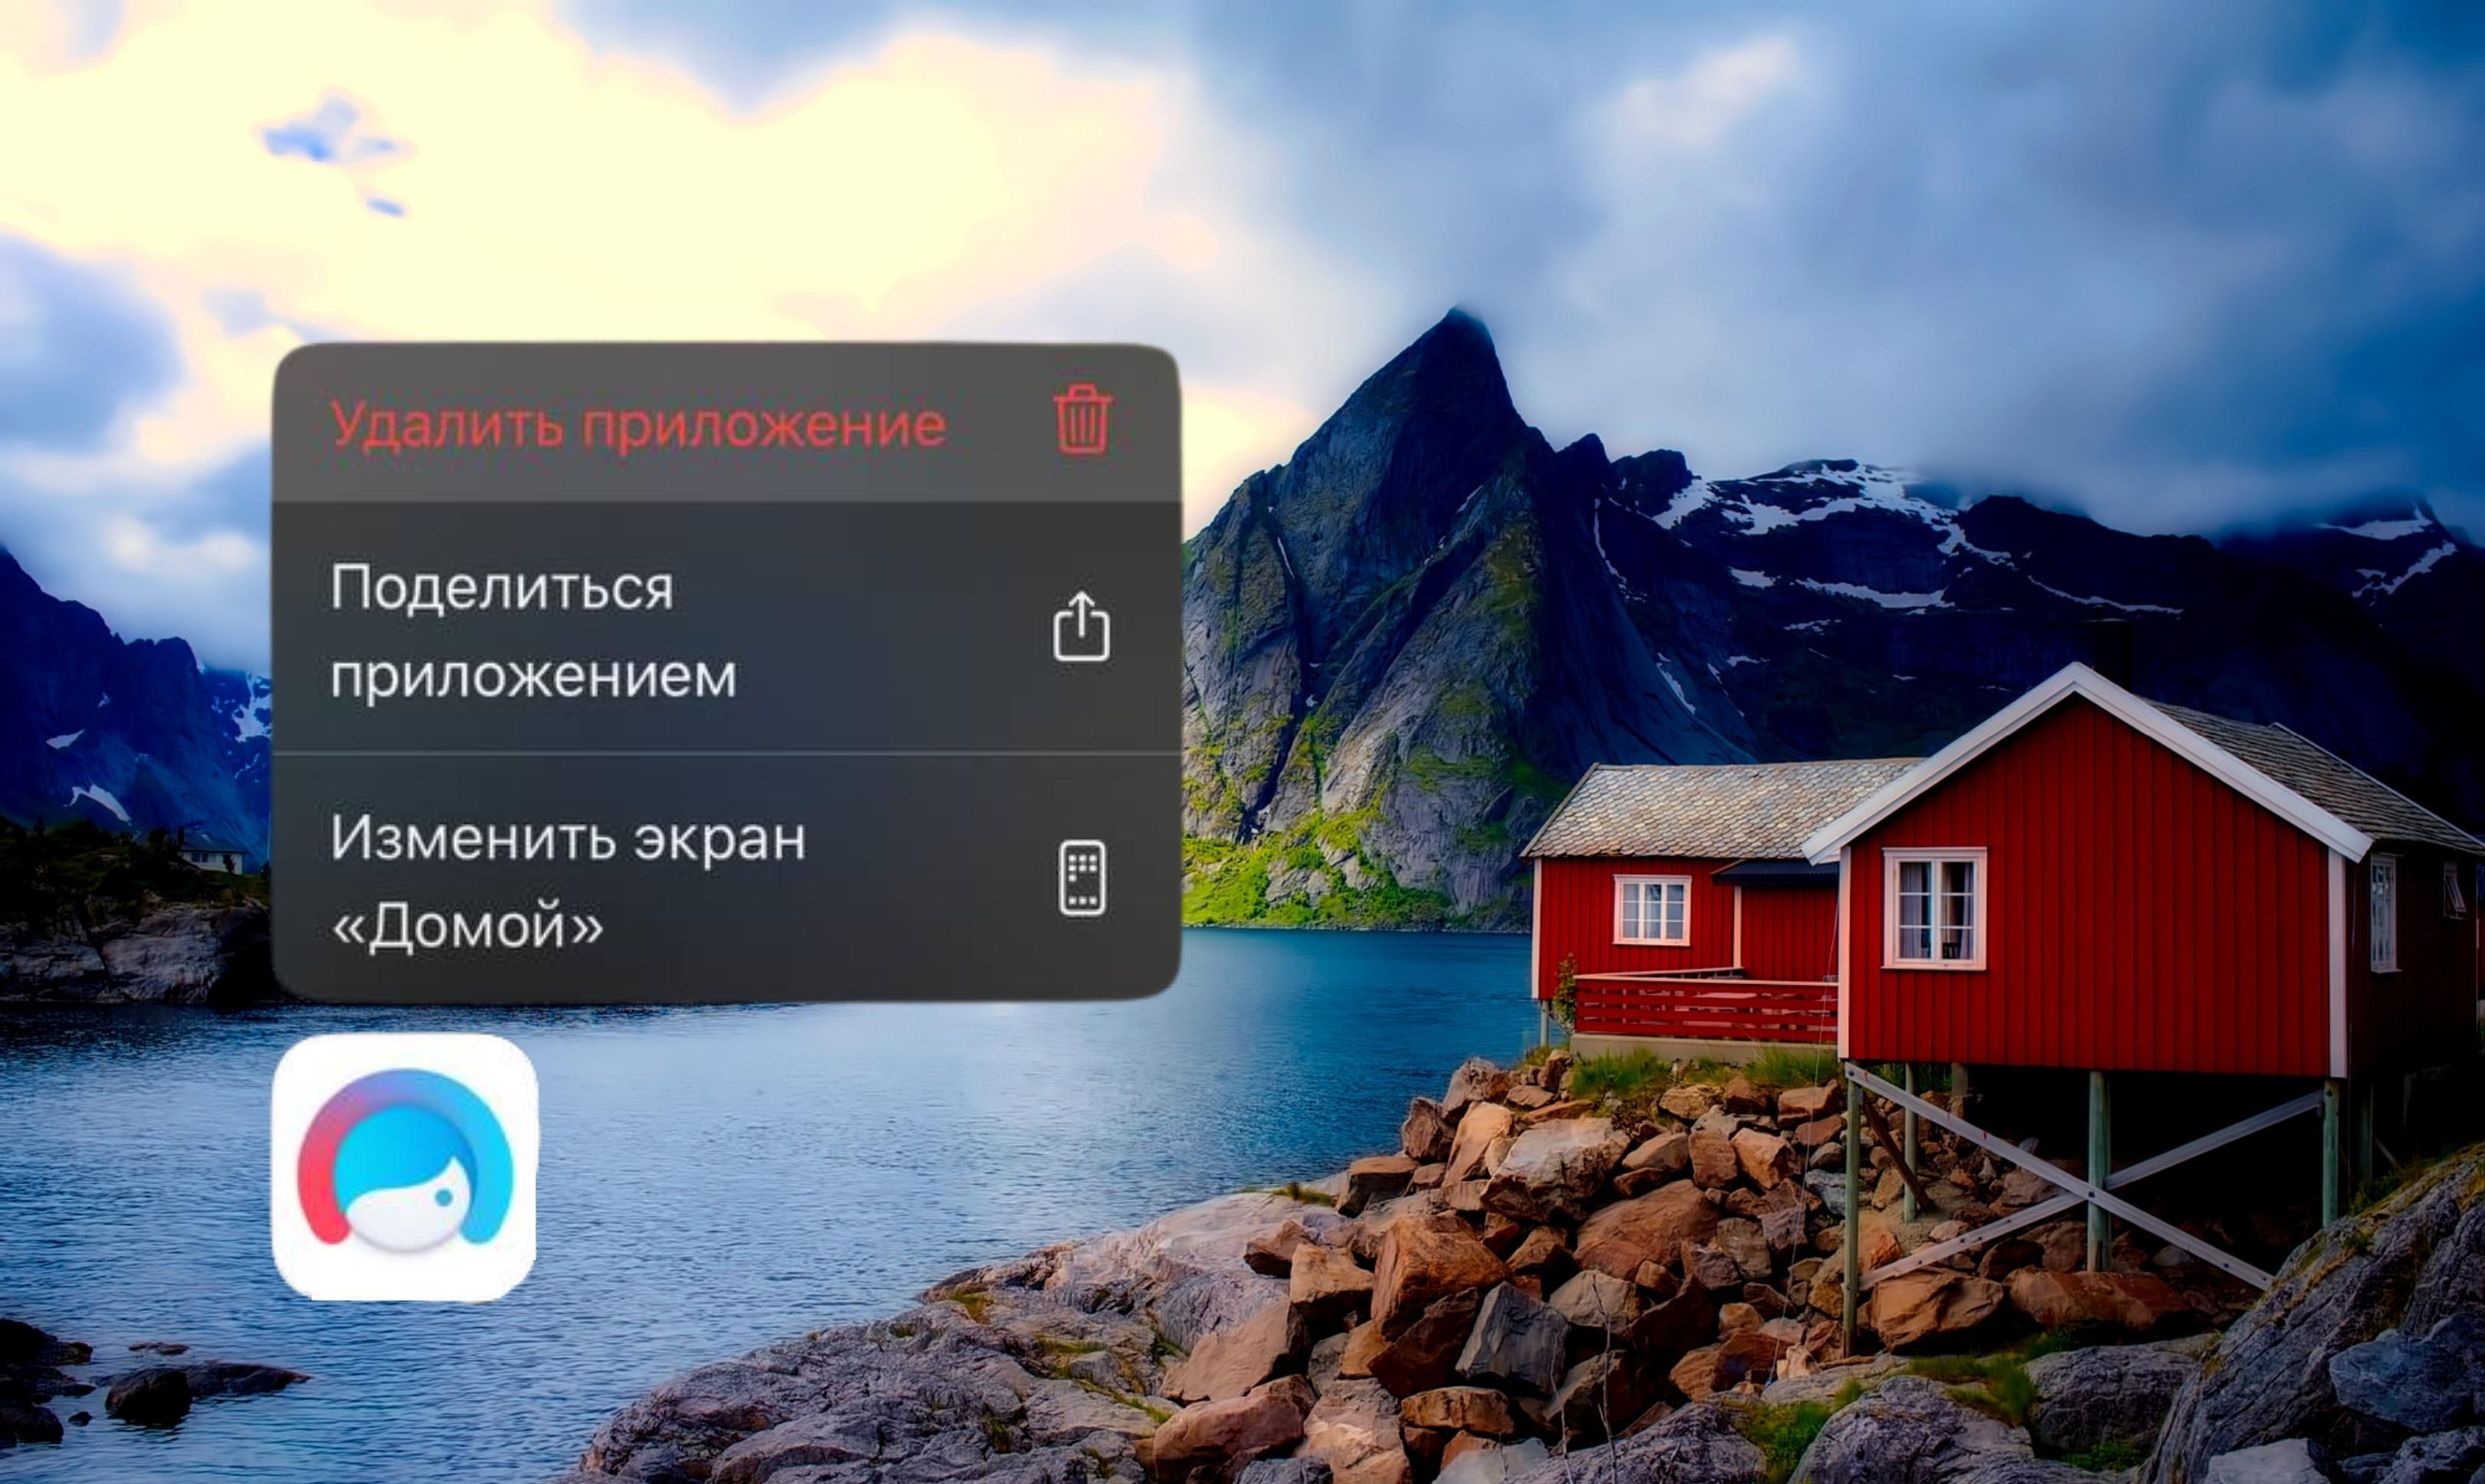 Натуральненько: норвежским блогерам запретили пользоваться фильтрами